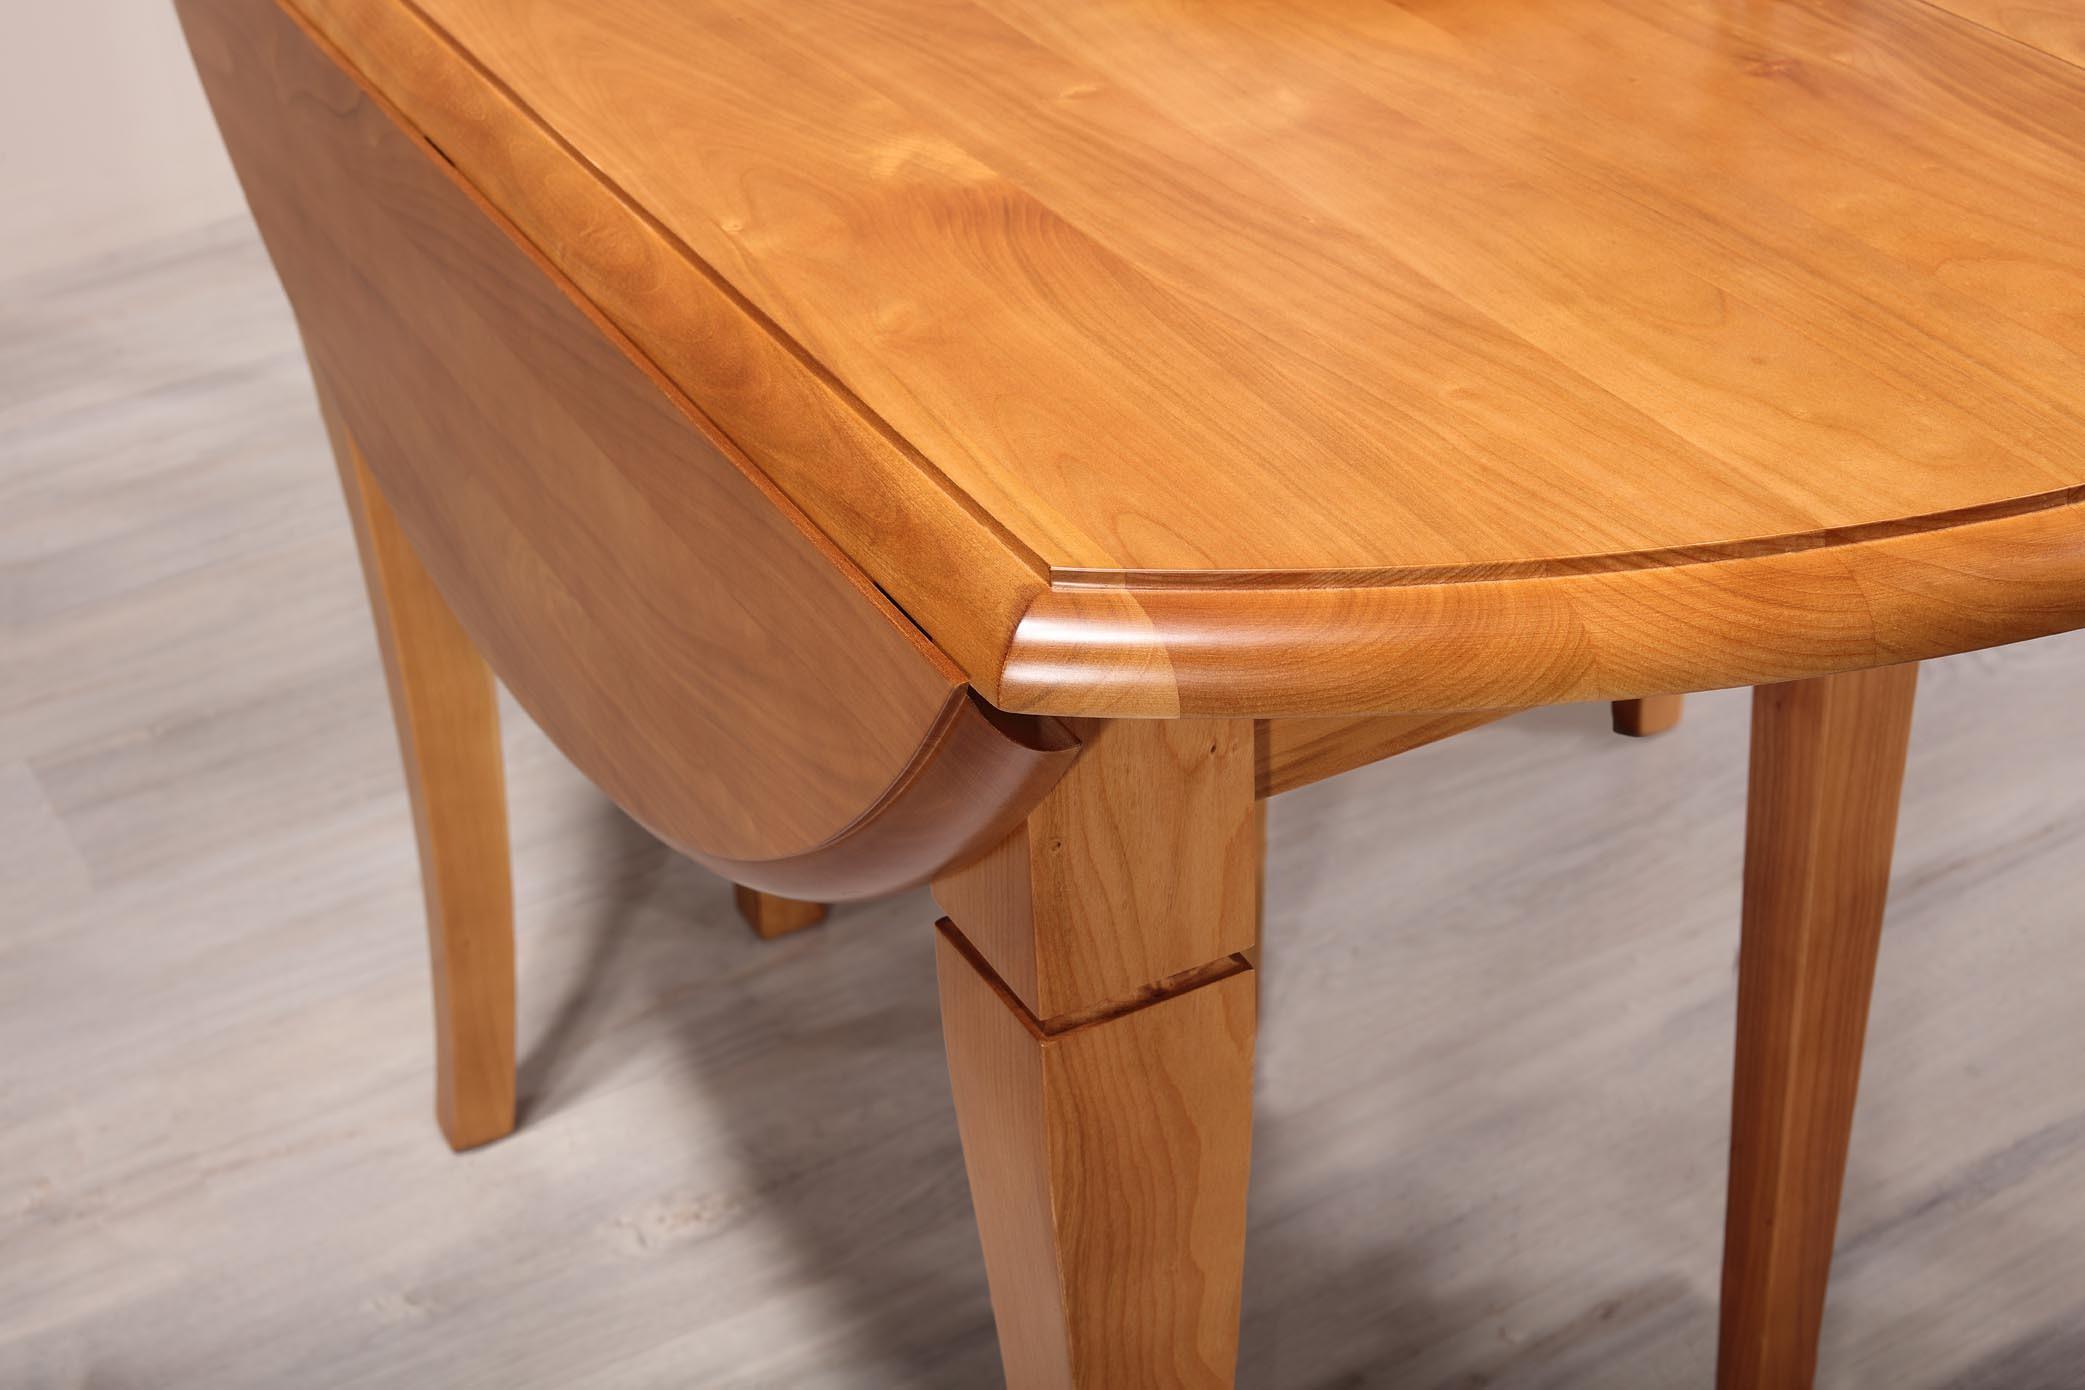 Table ovale 110x135 volets en merisier massif de style for Table ovale en bois massif